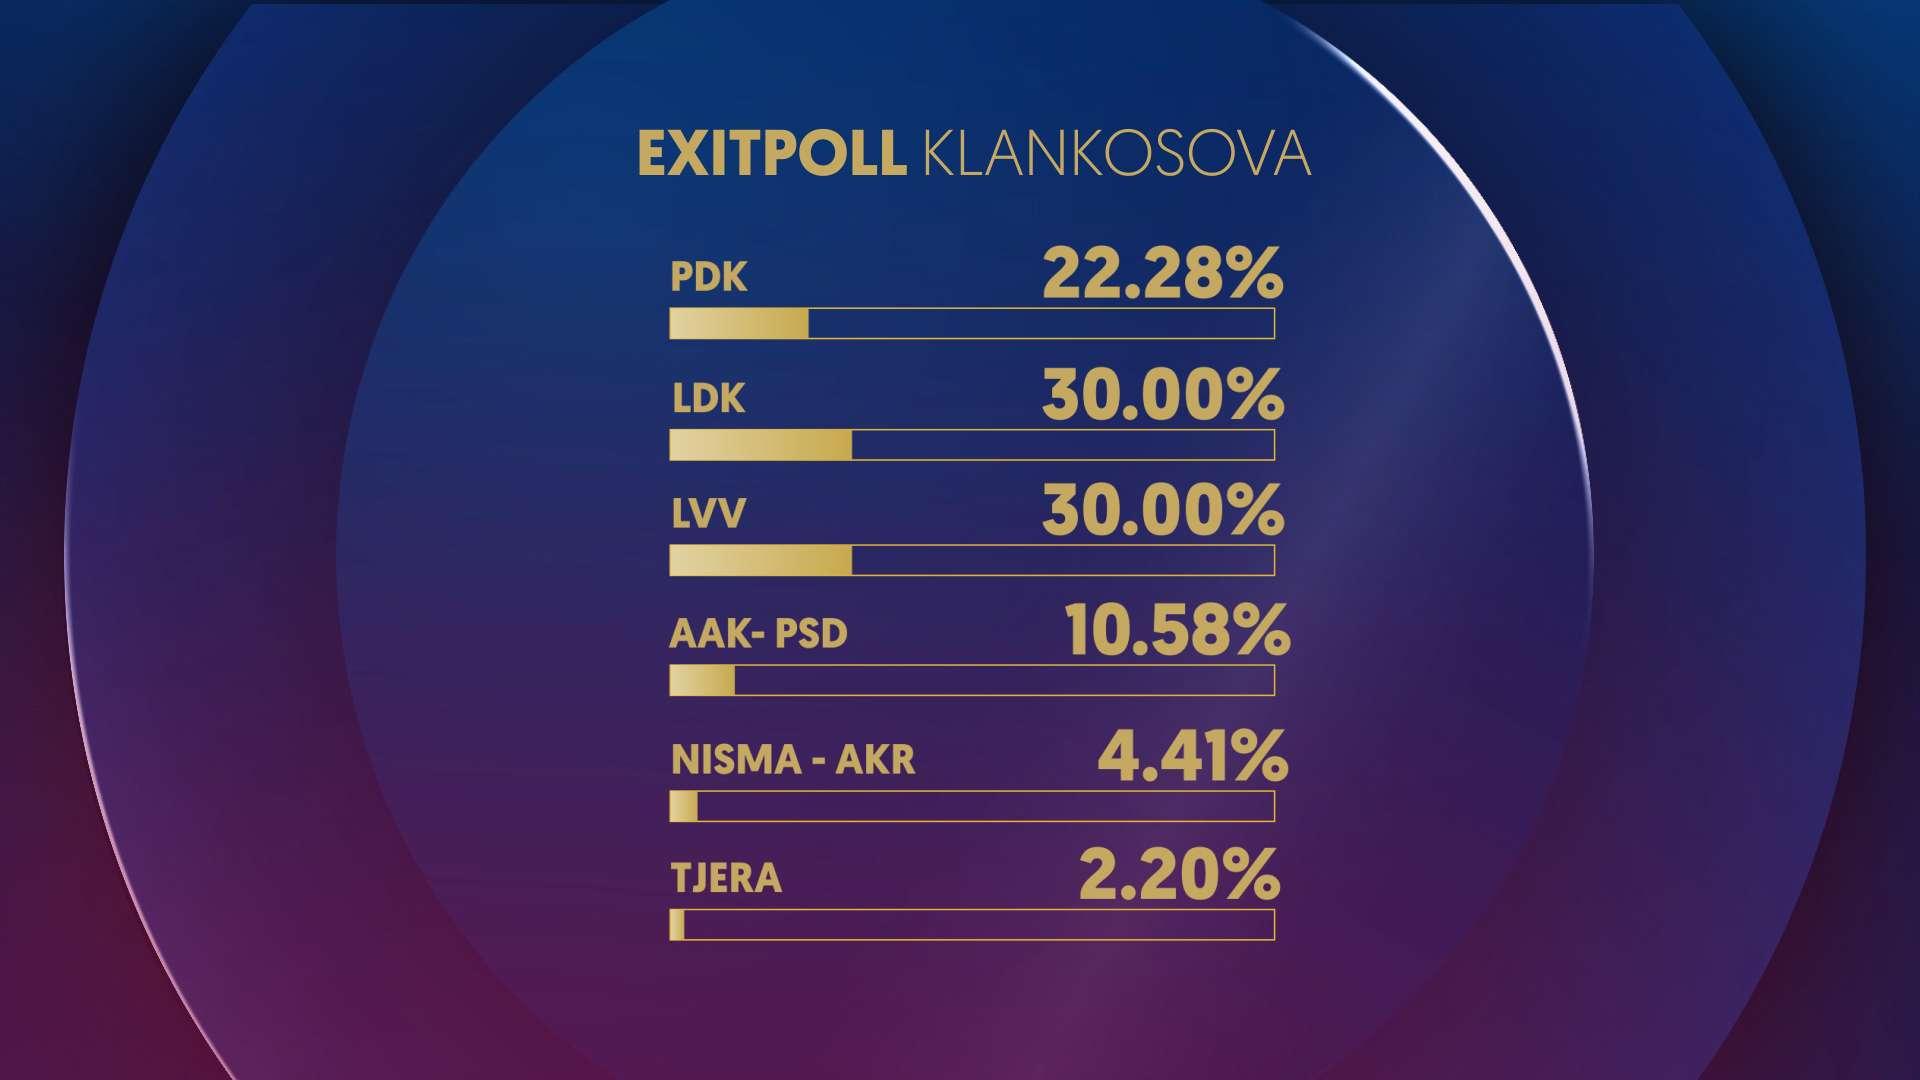 EXIT POLLI I KLAN KOSOVËS: LDK dhe VV prijnë me 30 %, PDK e dyta dhe AAK-PSD e treta